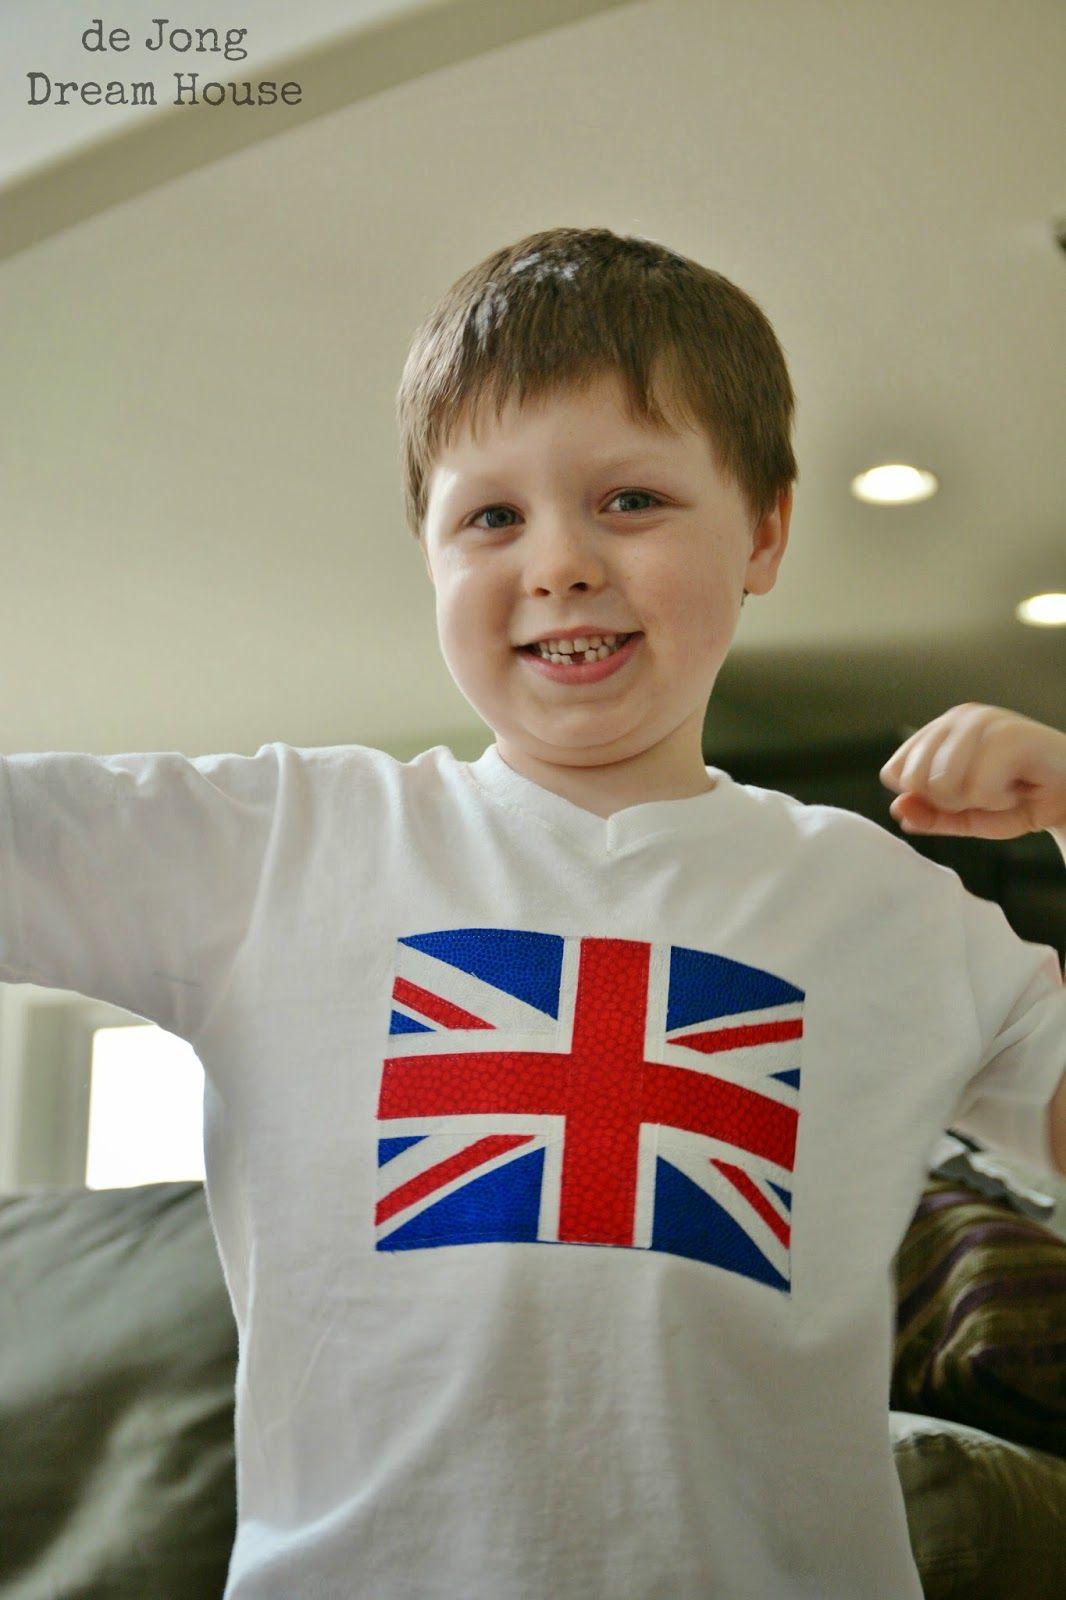 de Jong Dream House: UK shirt